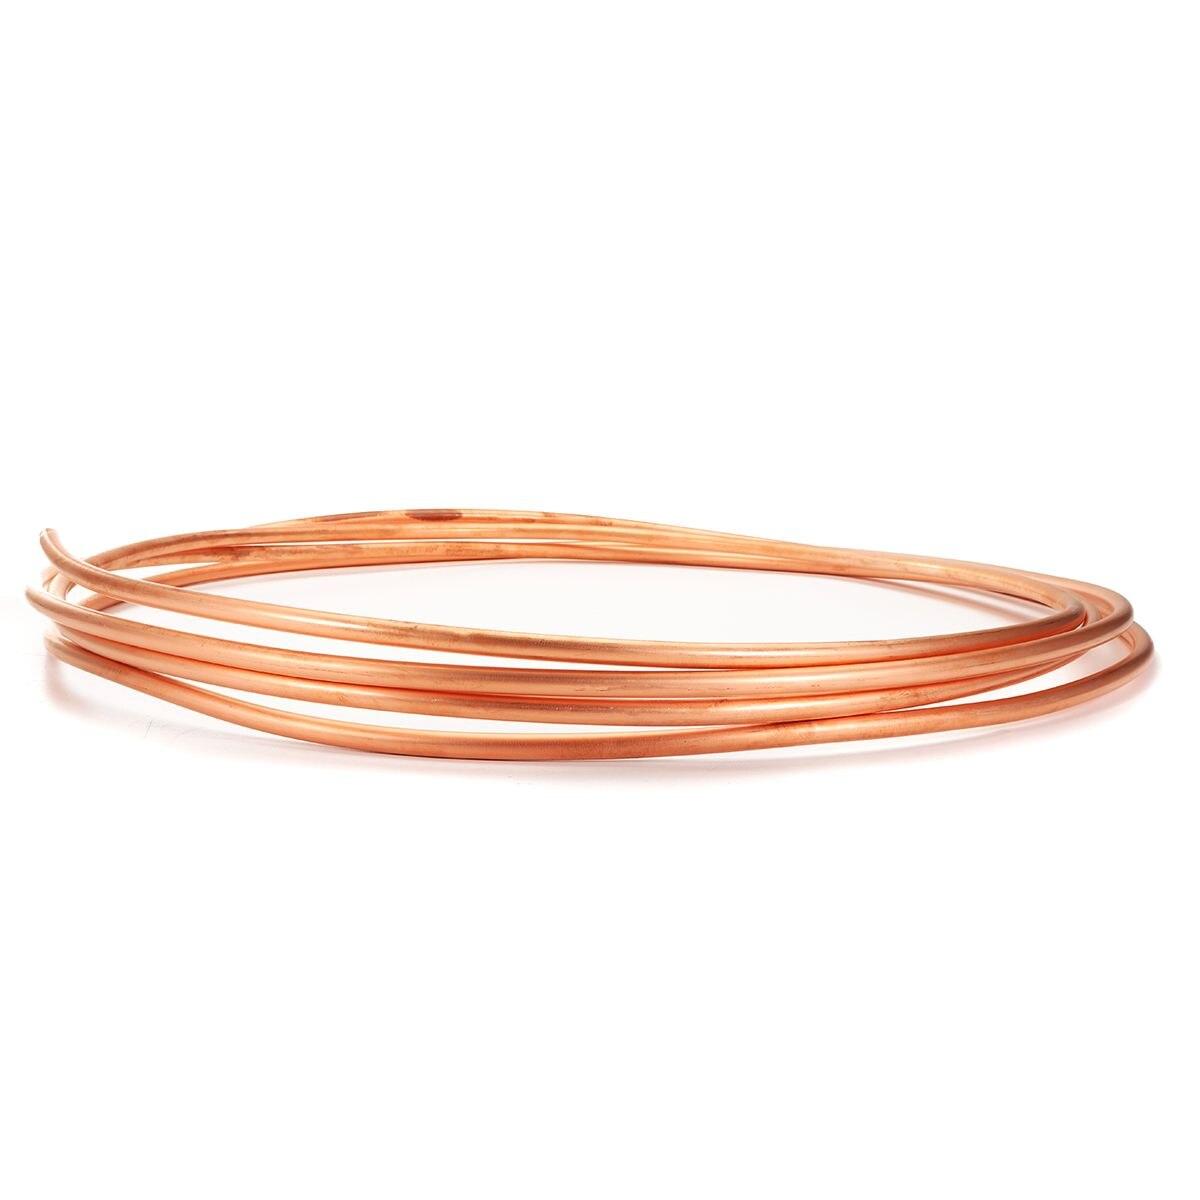 5/16 pouce diamètre 5m bobine souple cuivre laiton Tube tuyau climatiseur tuyau de cuivre réfrigérant gaz Tube bricolage refroidissement - 4